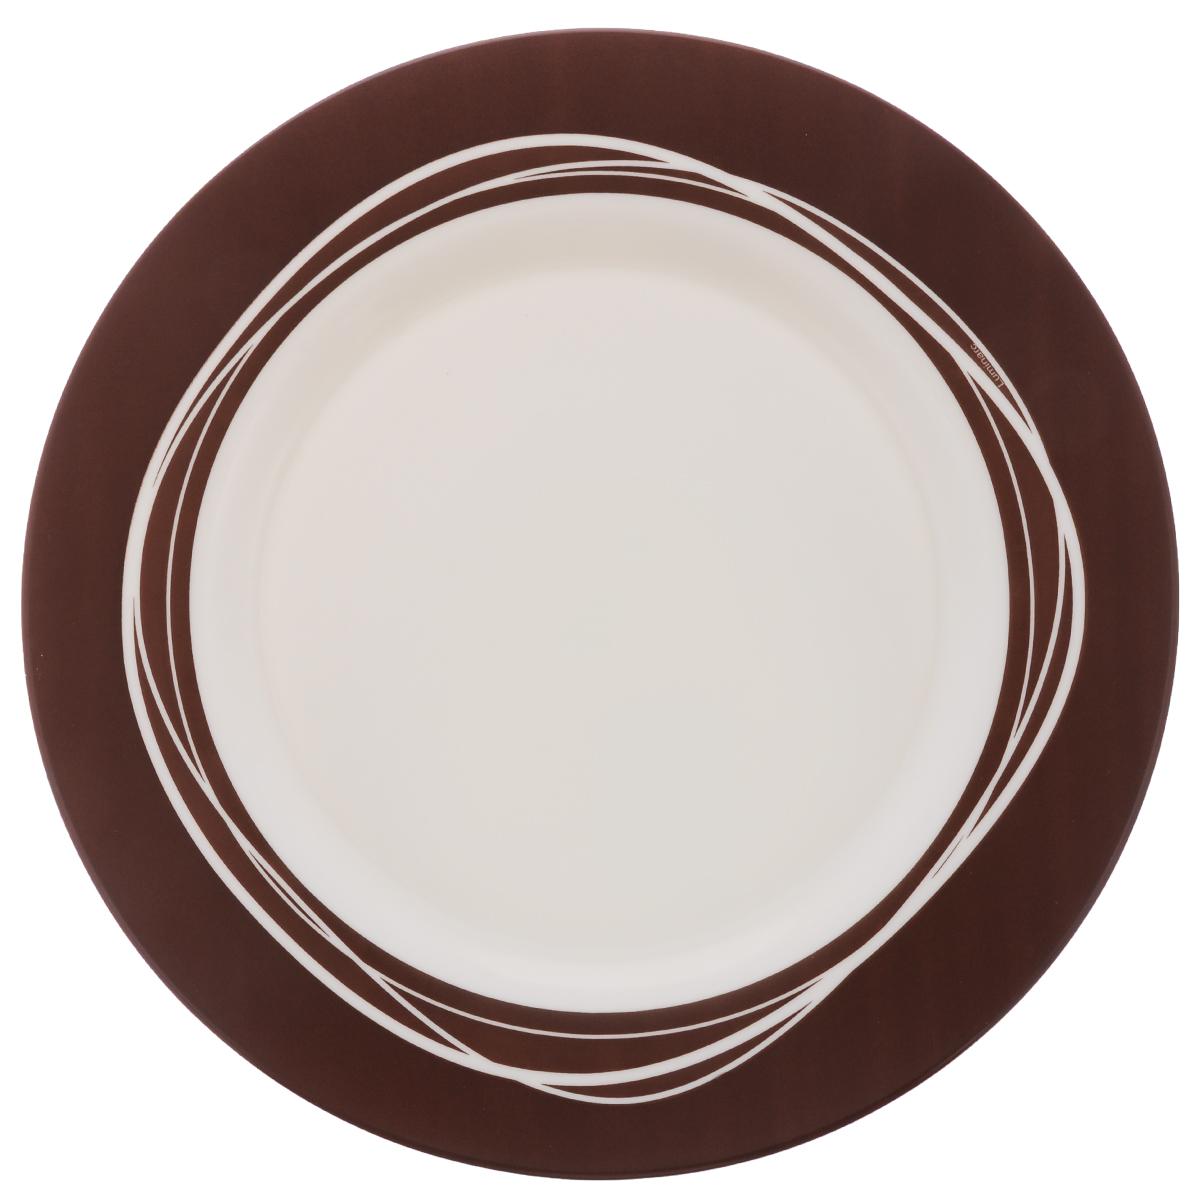 Тарелка Luminarc Raffia Brown, диаметр 26,5 смJ2427Тарелка Luminarc Raffia Brown, изготовленная из ударопрочного стекла, оформлена в классическом стиле. Такая тарелка прекрасно подходит как для торжественных случаев, так и для повседневного использования. Идеальна для подачи десертов, пирожных, тортов и многого другого. Она прекрасно оформит стол и станет отличным дополнением к вашей коллекции кухонной посуды. Диаметр тарелки (по верхнему краю): 26,5 см. Высота тарелки: 1,7 см.